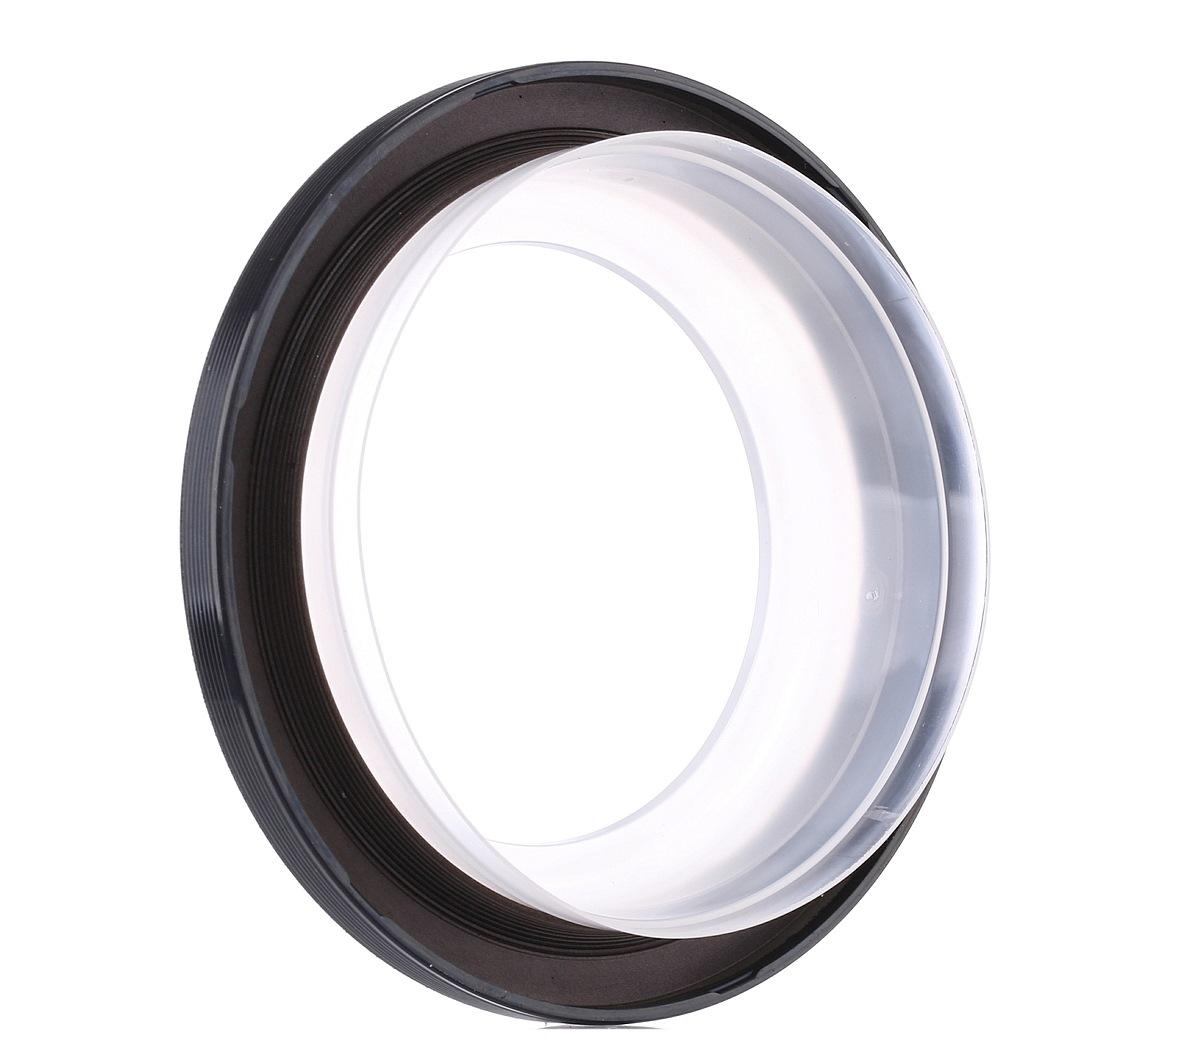 Original Уплътнителни пръстени 81-35553-00 Опел